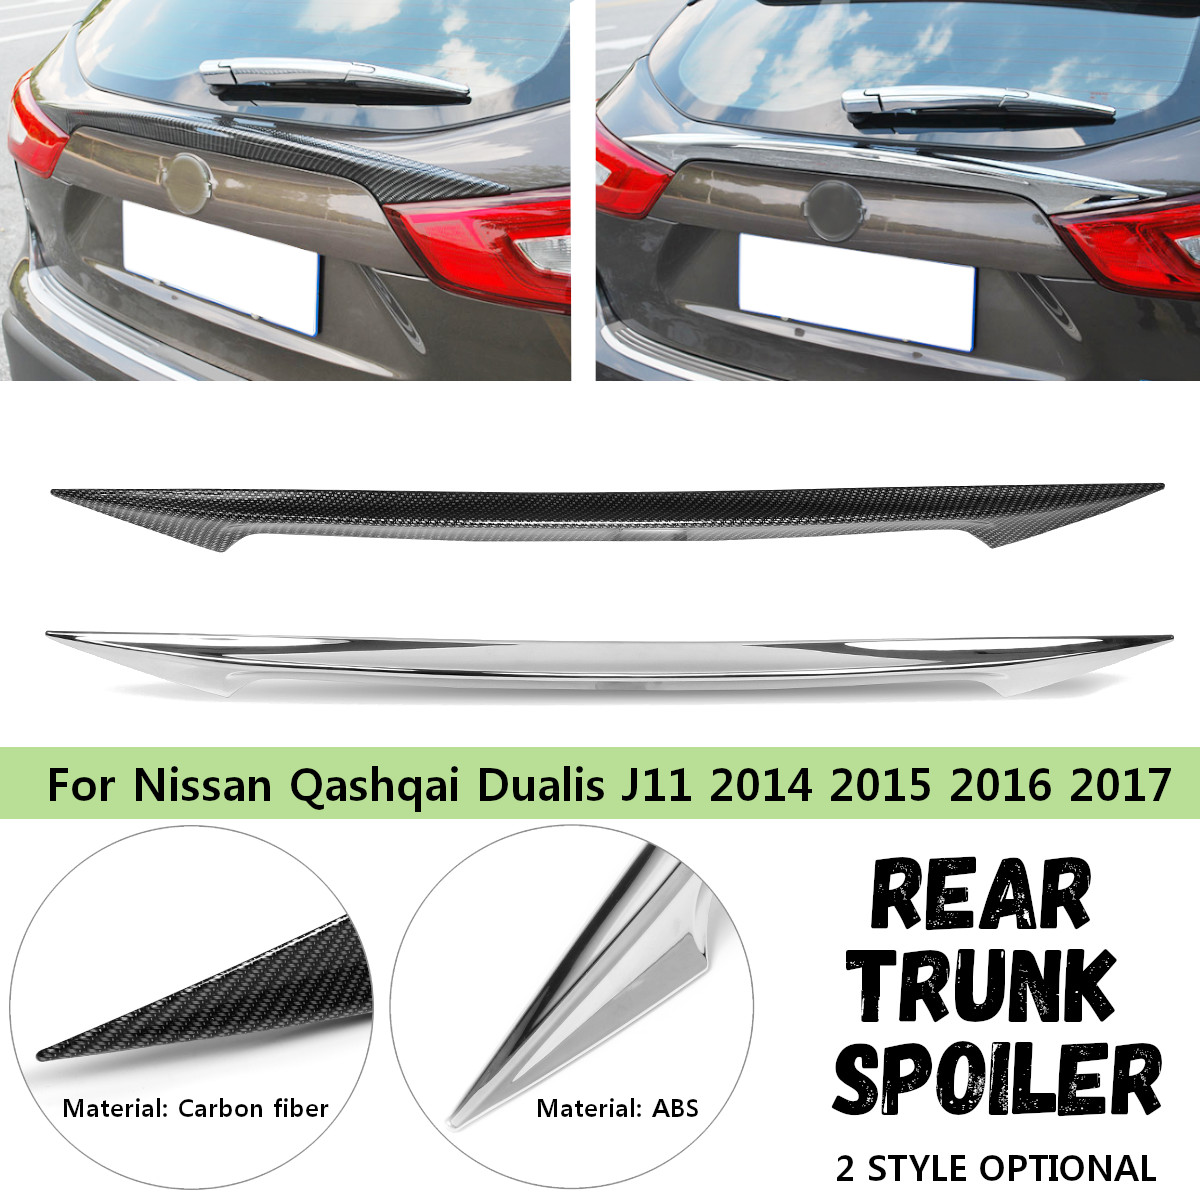 Tylna klapa tylna bagażnika samochodu Spoiler skrzydło naklejka na pokrywę z włókna węglowego ABS dla Nissan Qashqai Dualis J11 2014 2015 2016 2017 2018 2019